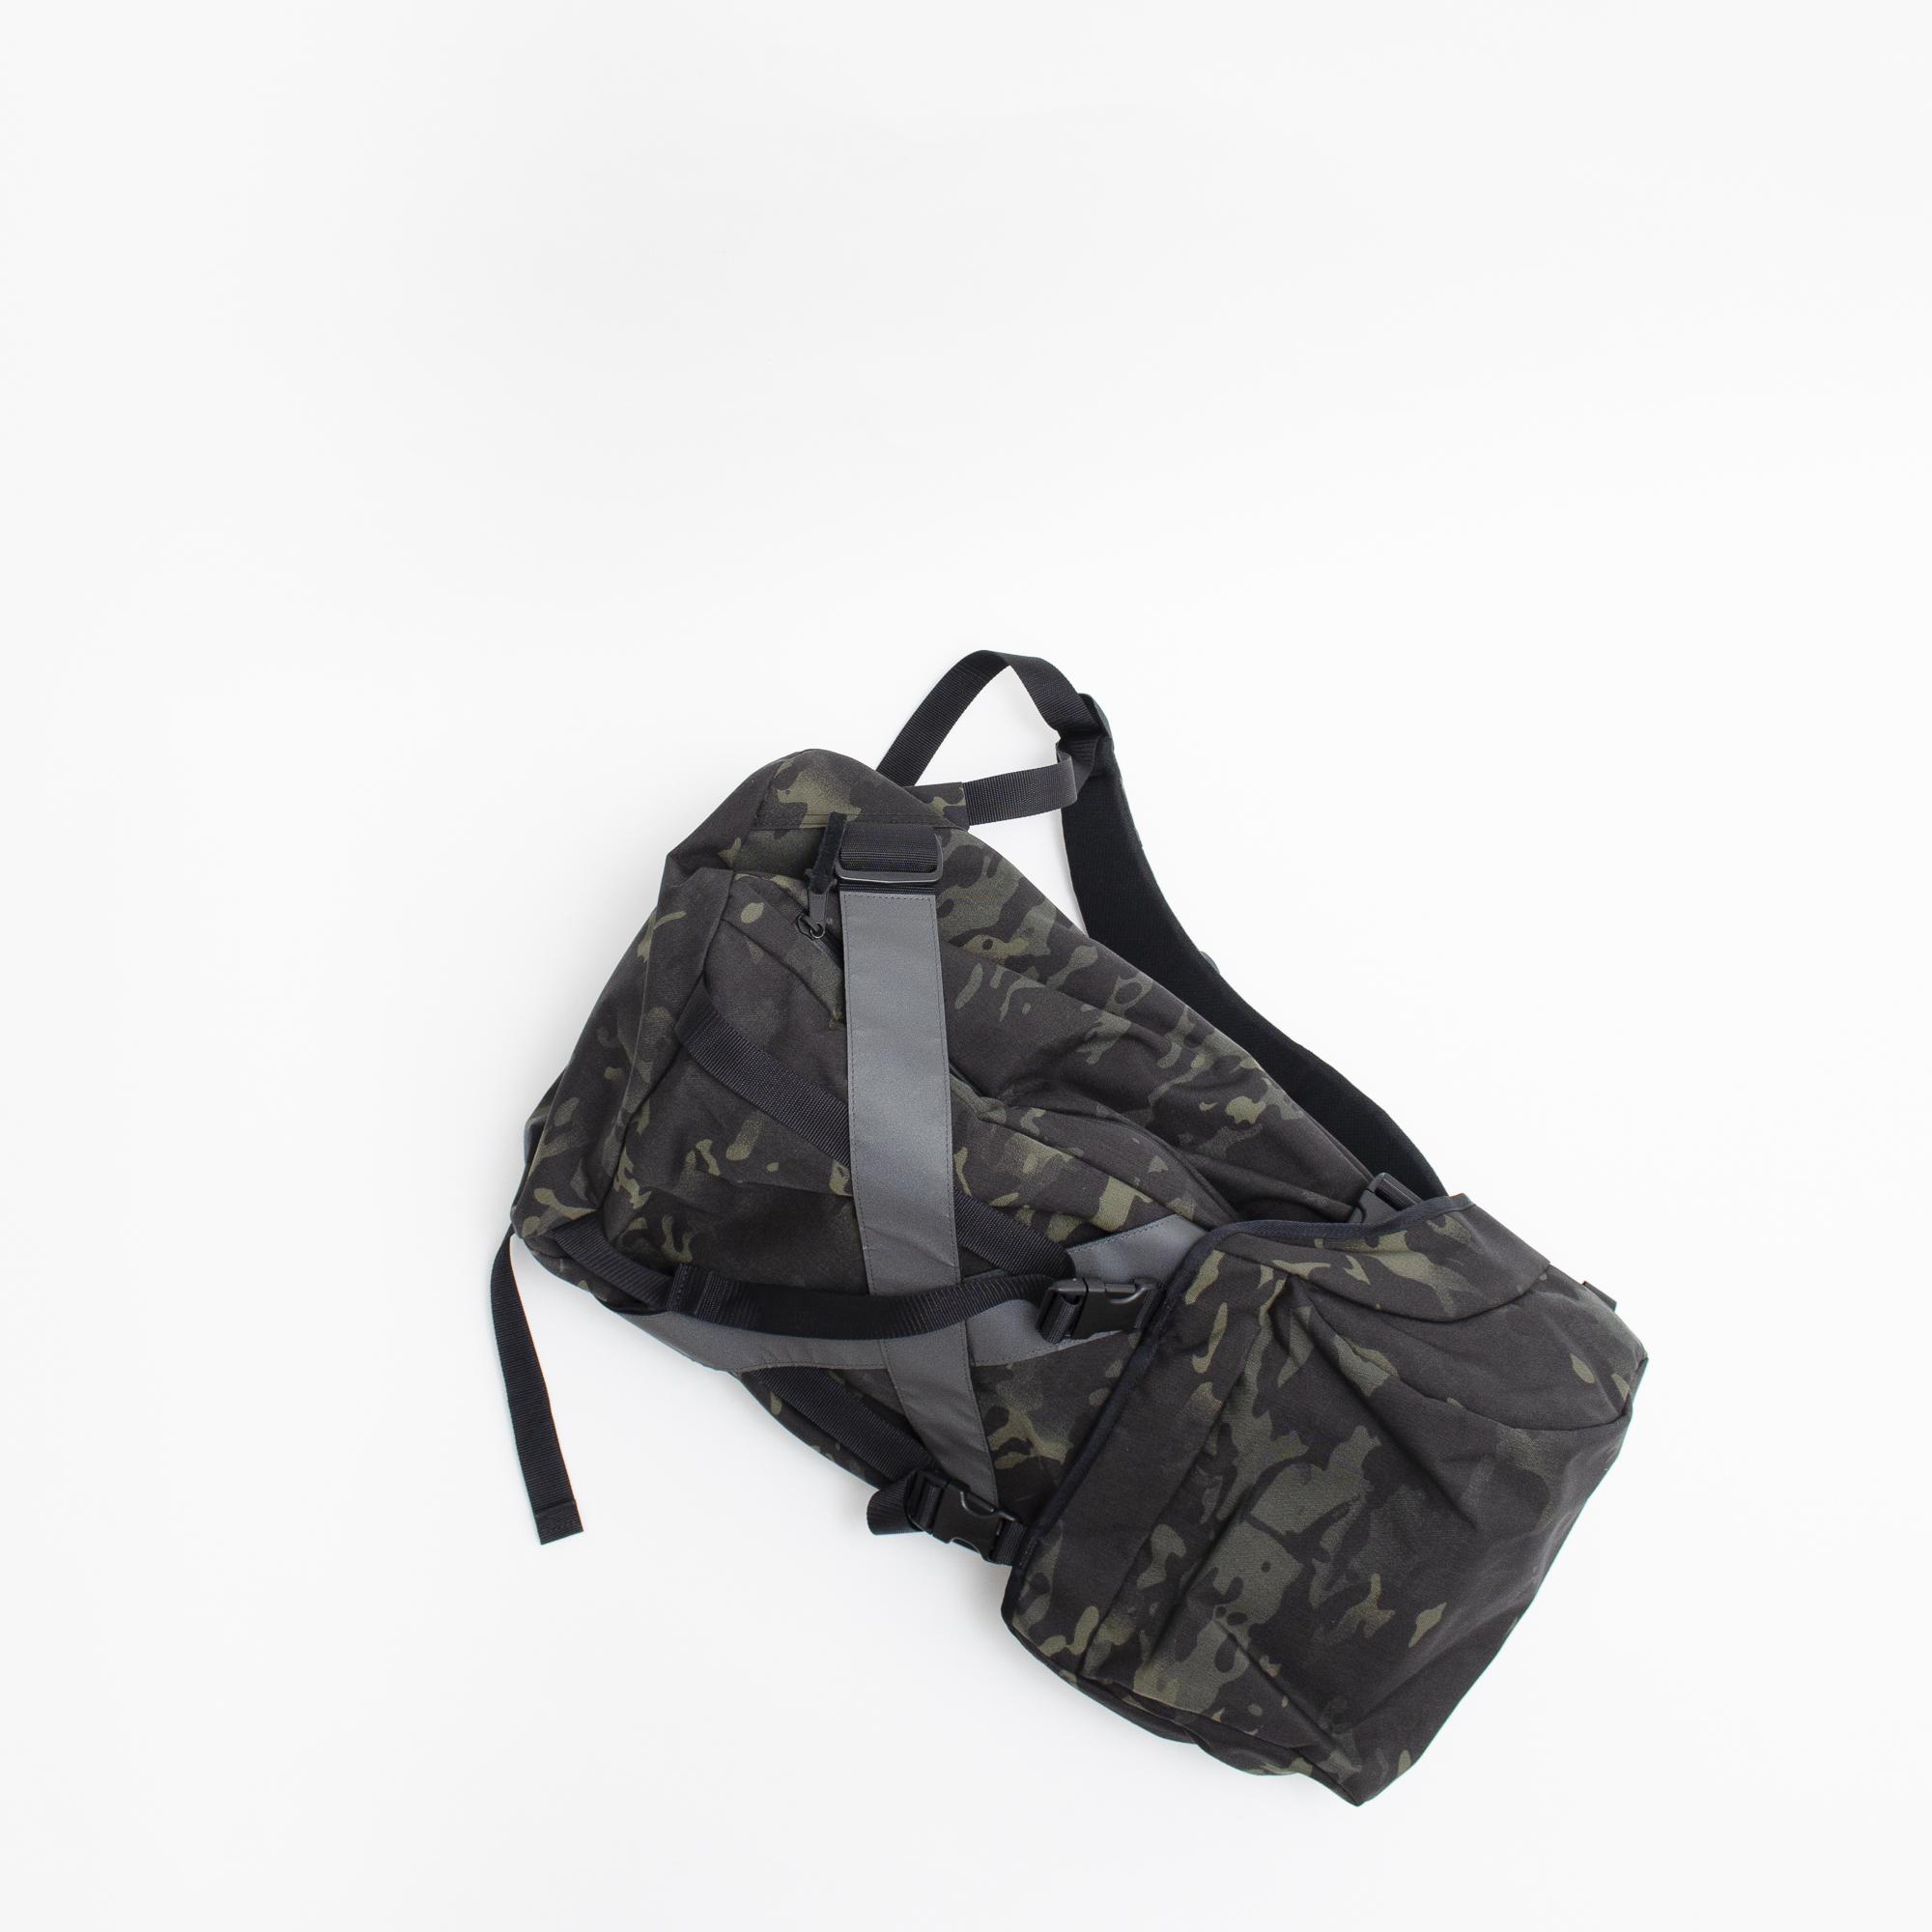 KaILI BACKPACK XV (BLACK/MULTICAM)